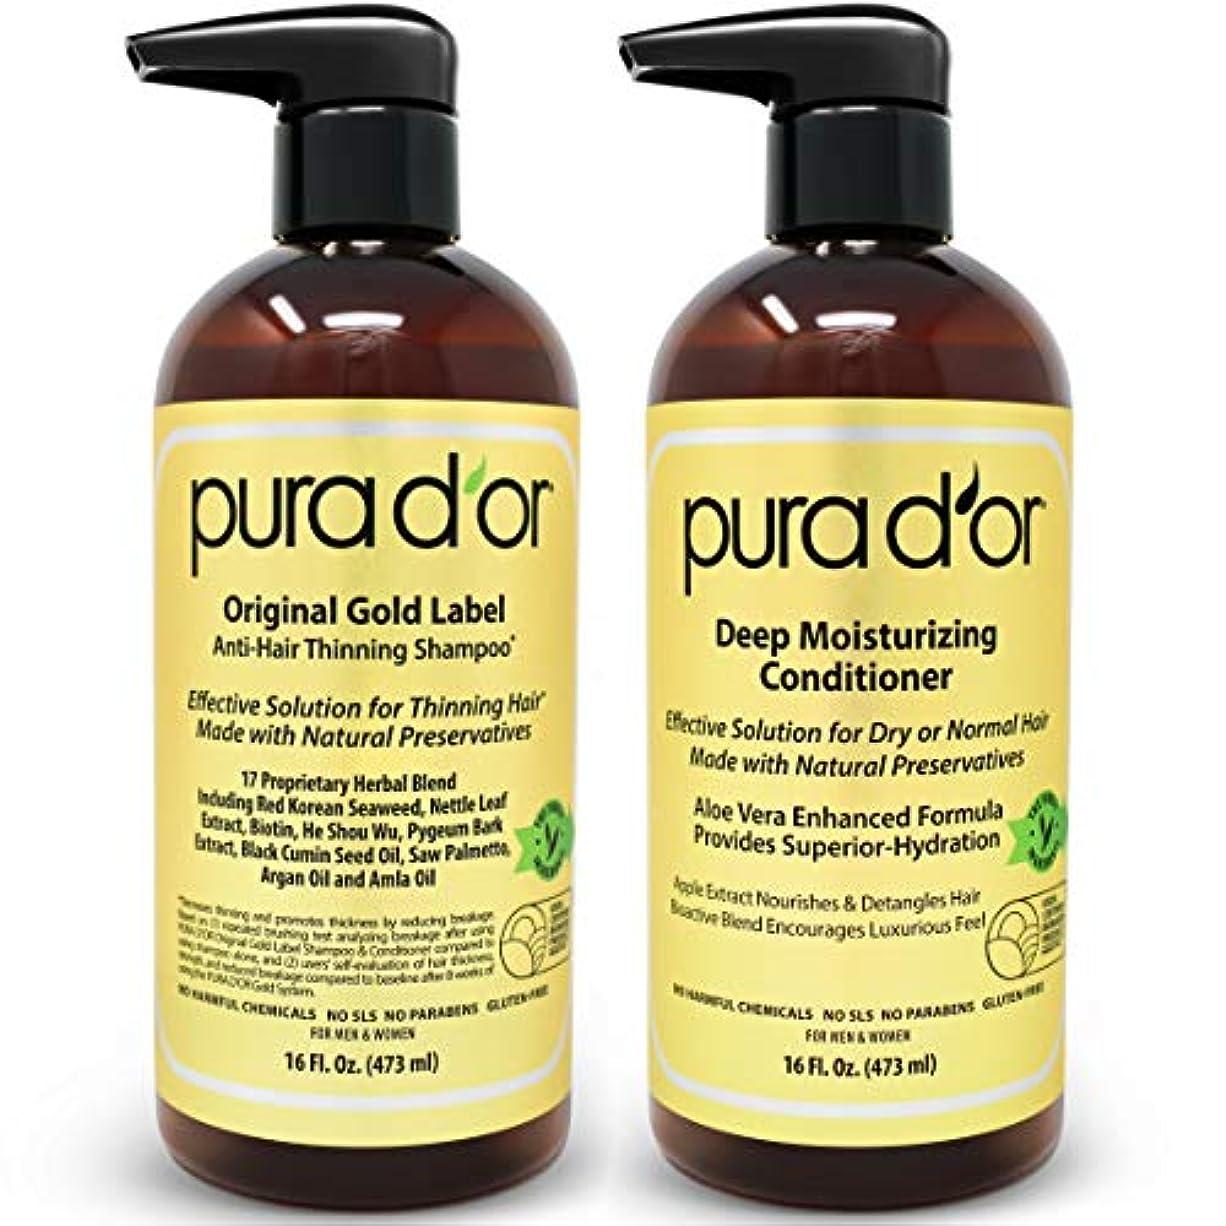 シマウマ男性サドルPURA D'OR オリジナル ゴールド ラベル 薄毛予防用 -臨床実験済み -アルガンオイル、ビオチン、天然原料、硫酸系化合物不使用、全髪タイプに、男性&女性用(パッケージは異なる場合があります) シャンプー&コンディショナー